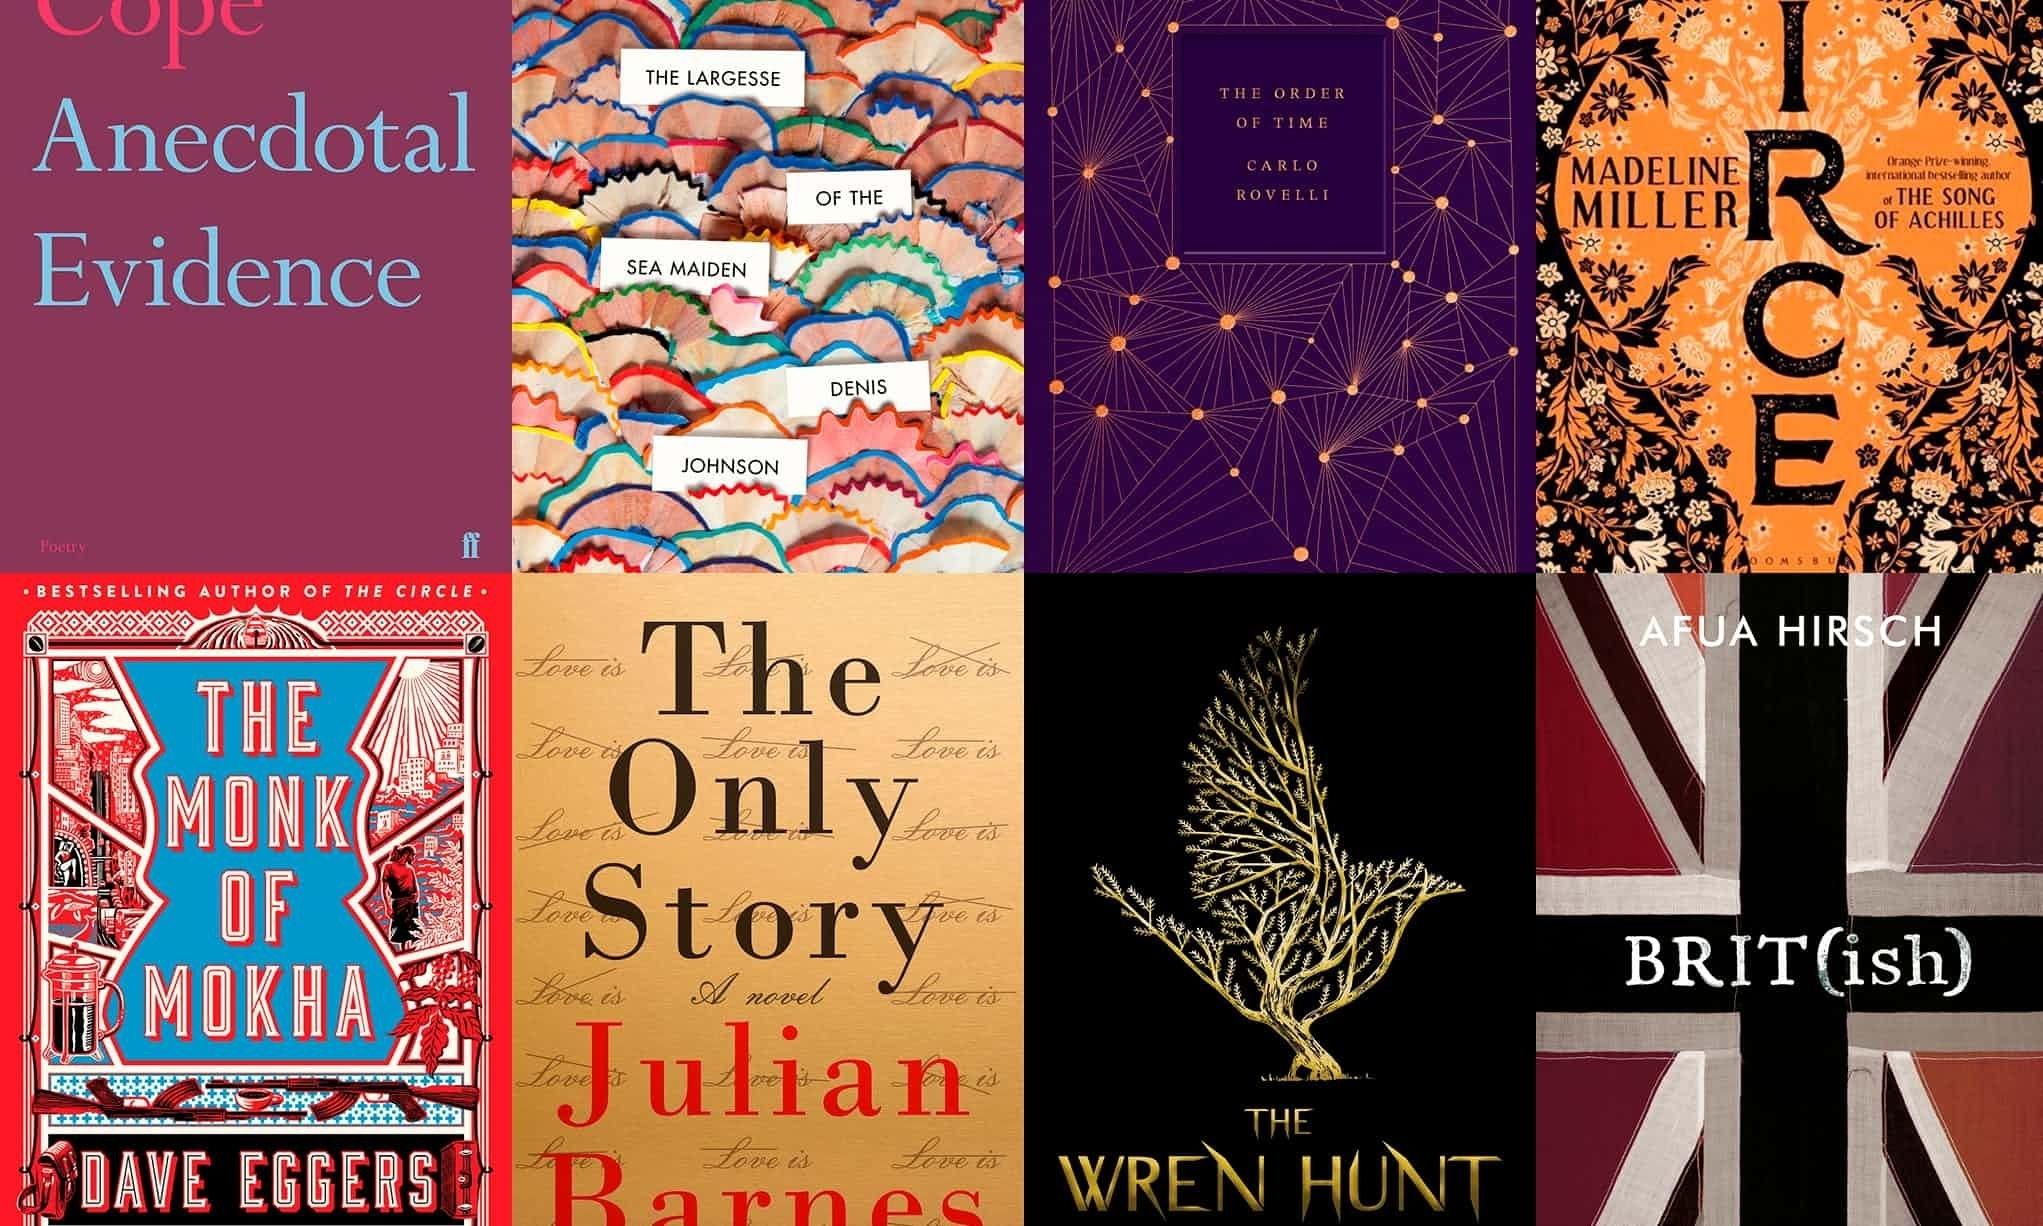 2018 In Books: A Literary Calendar | Books, Julian Barnes